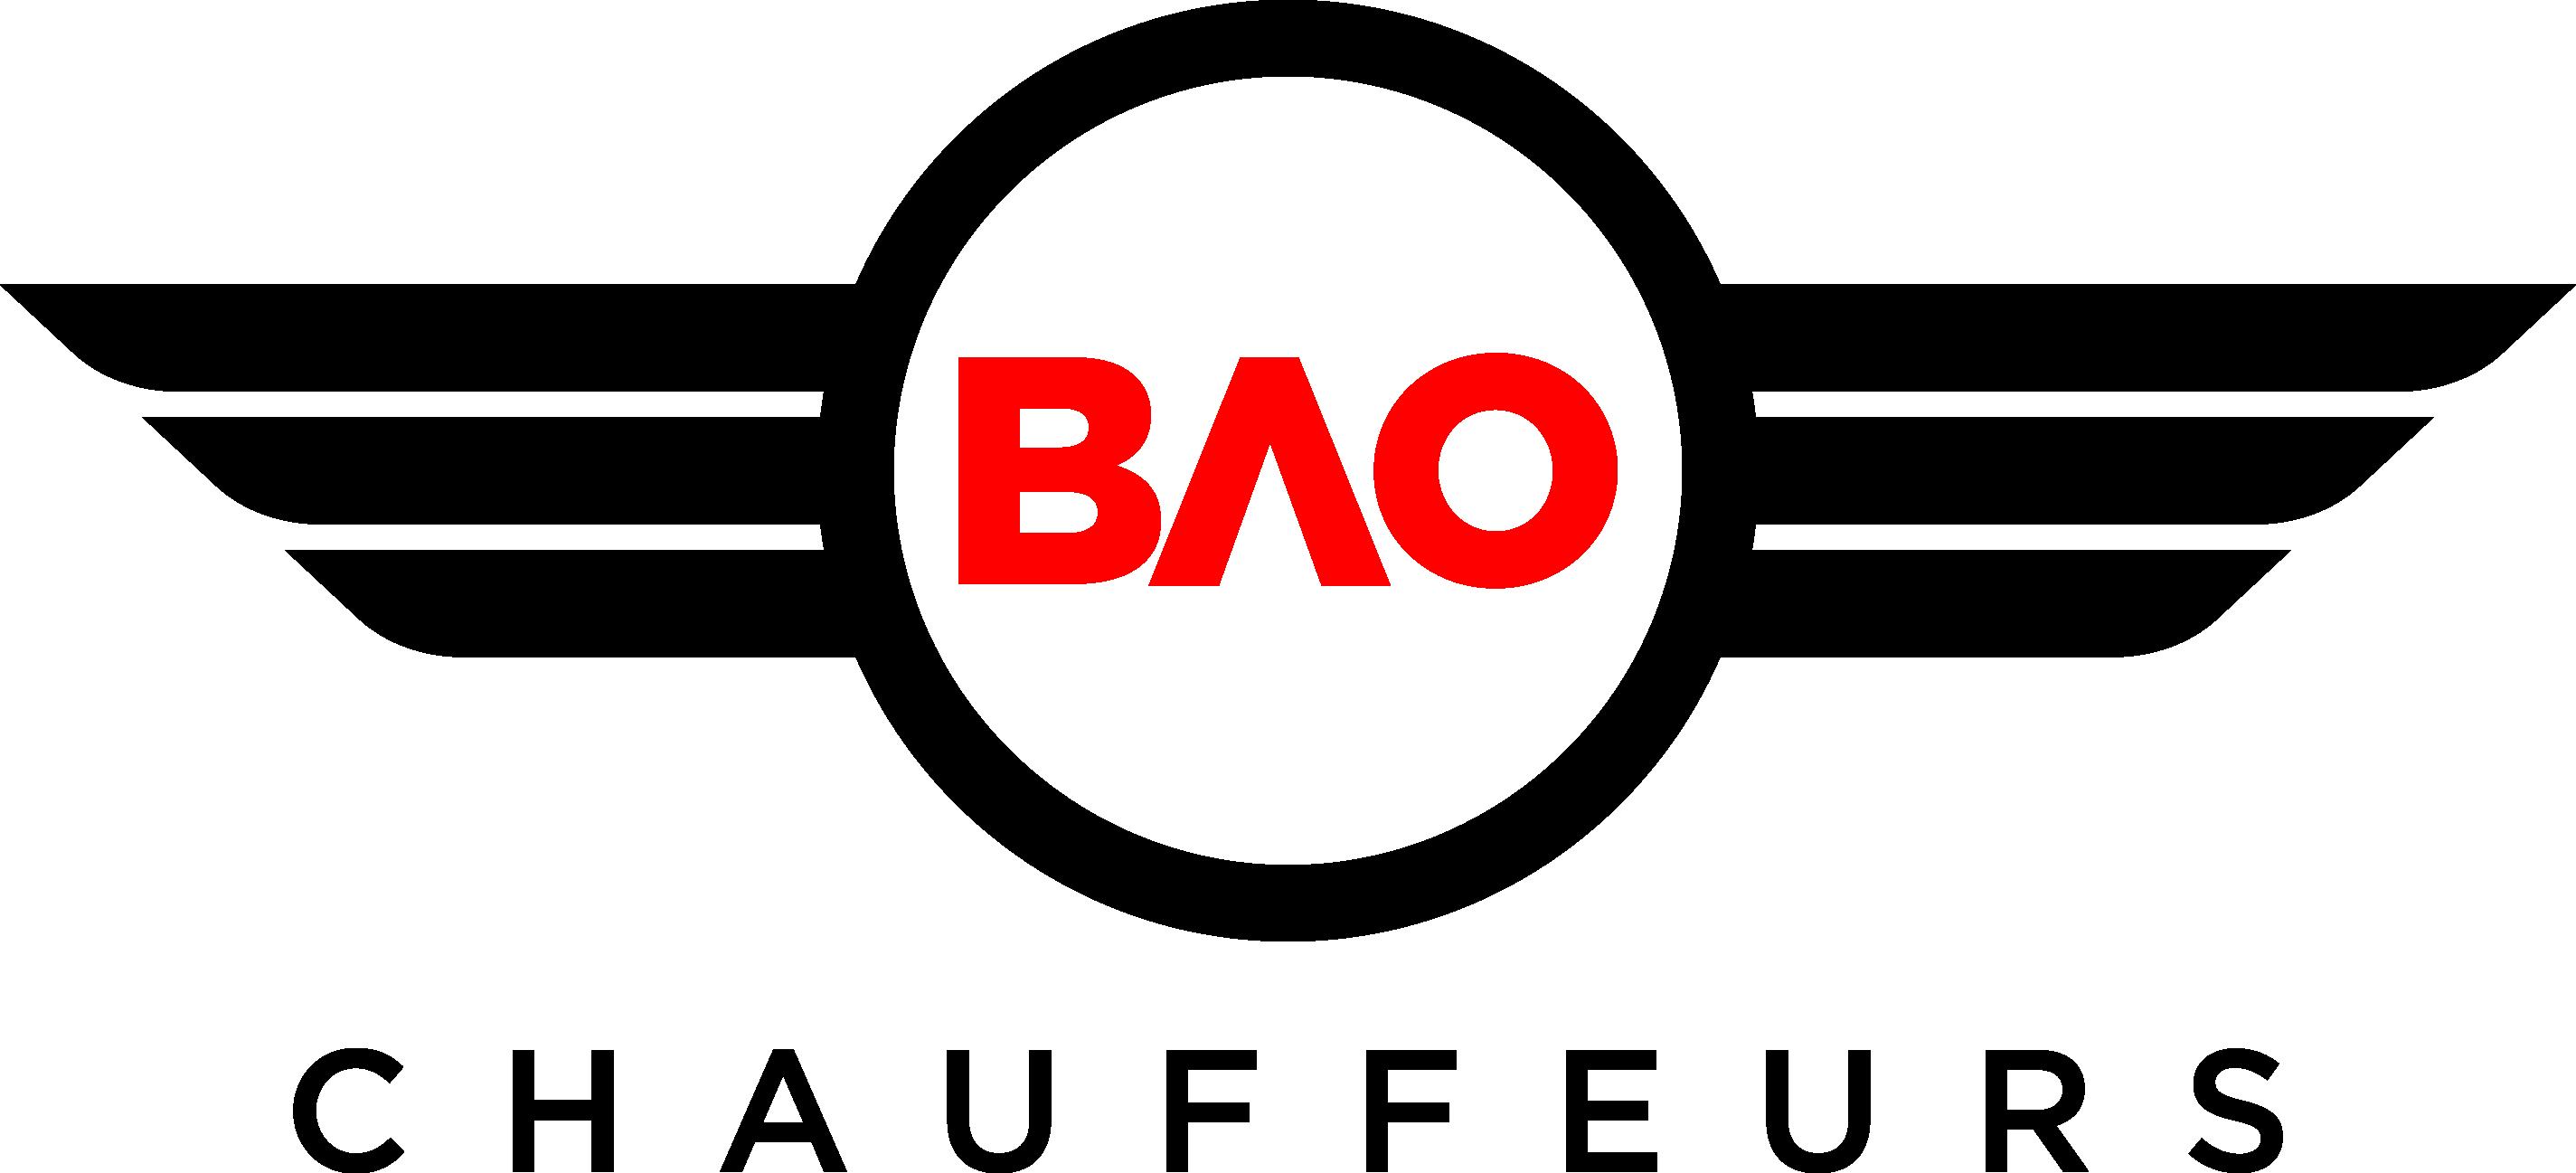 BAO Chauffeurs